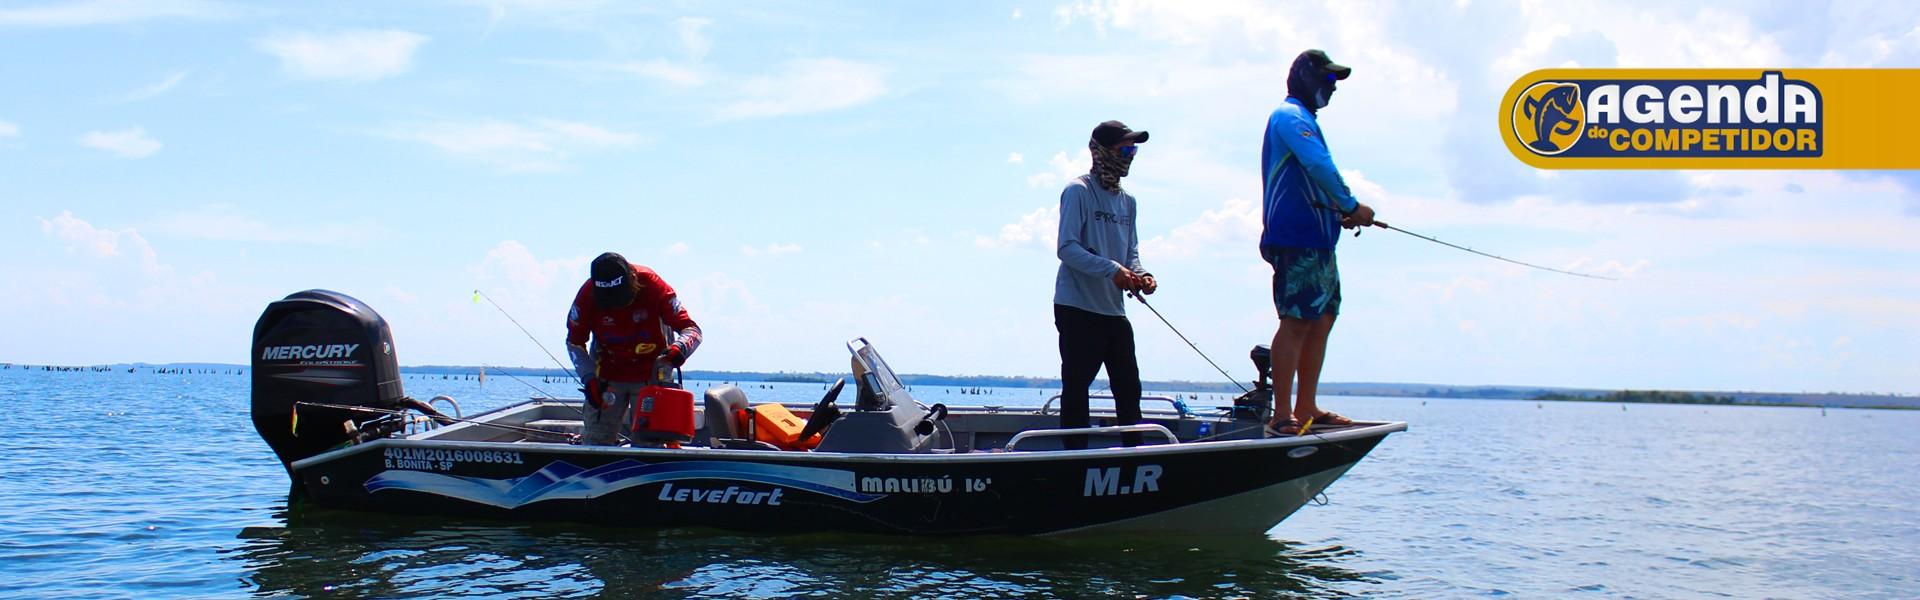 Equipe de pesca esportiva em ação